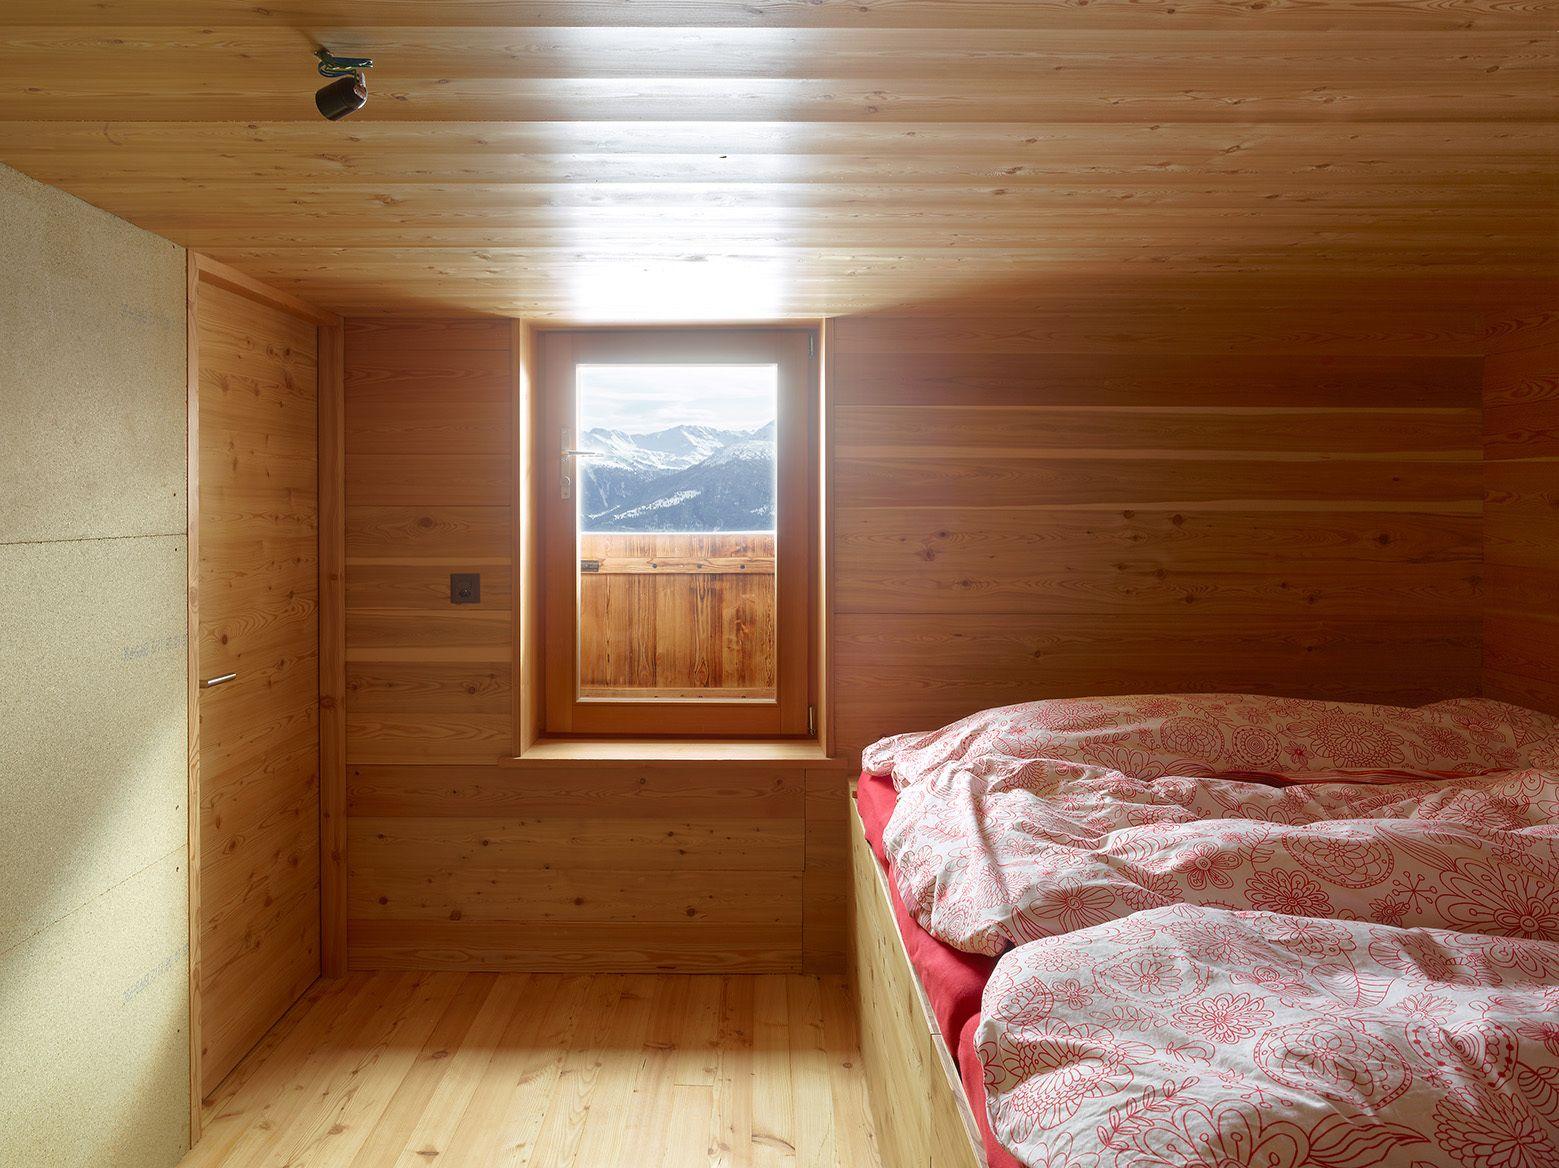 Спальня сарая 1878 года на холме